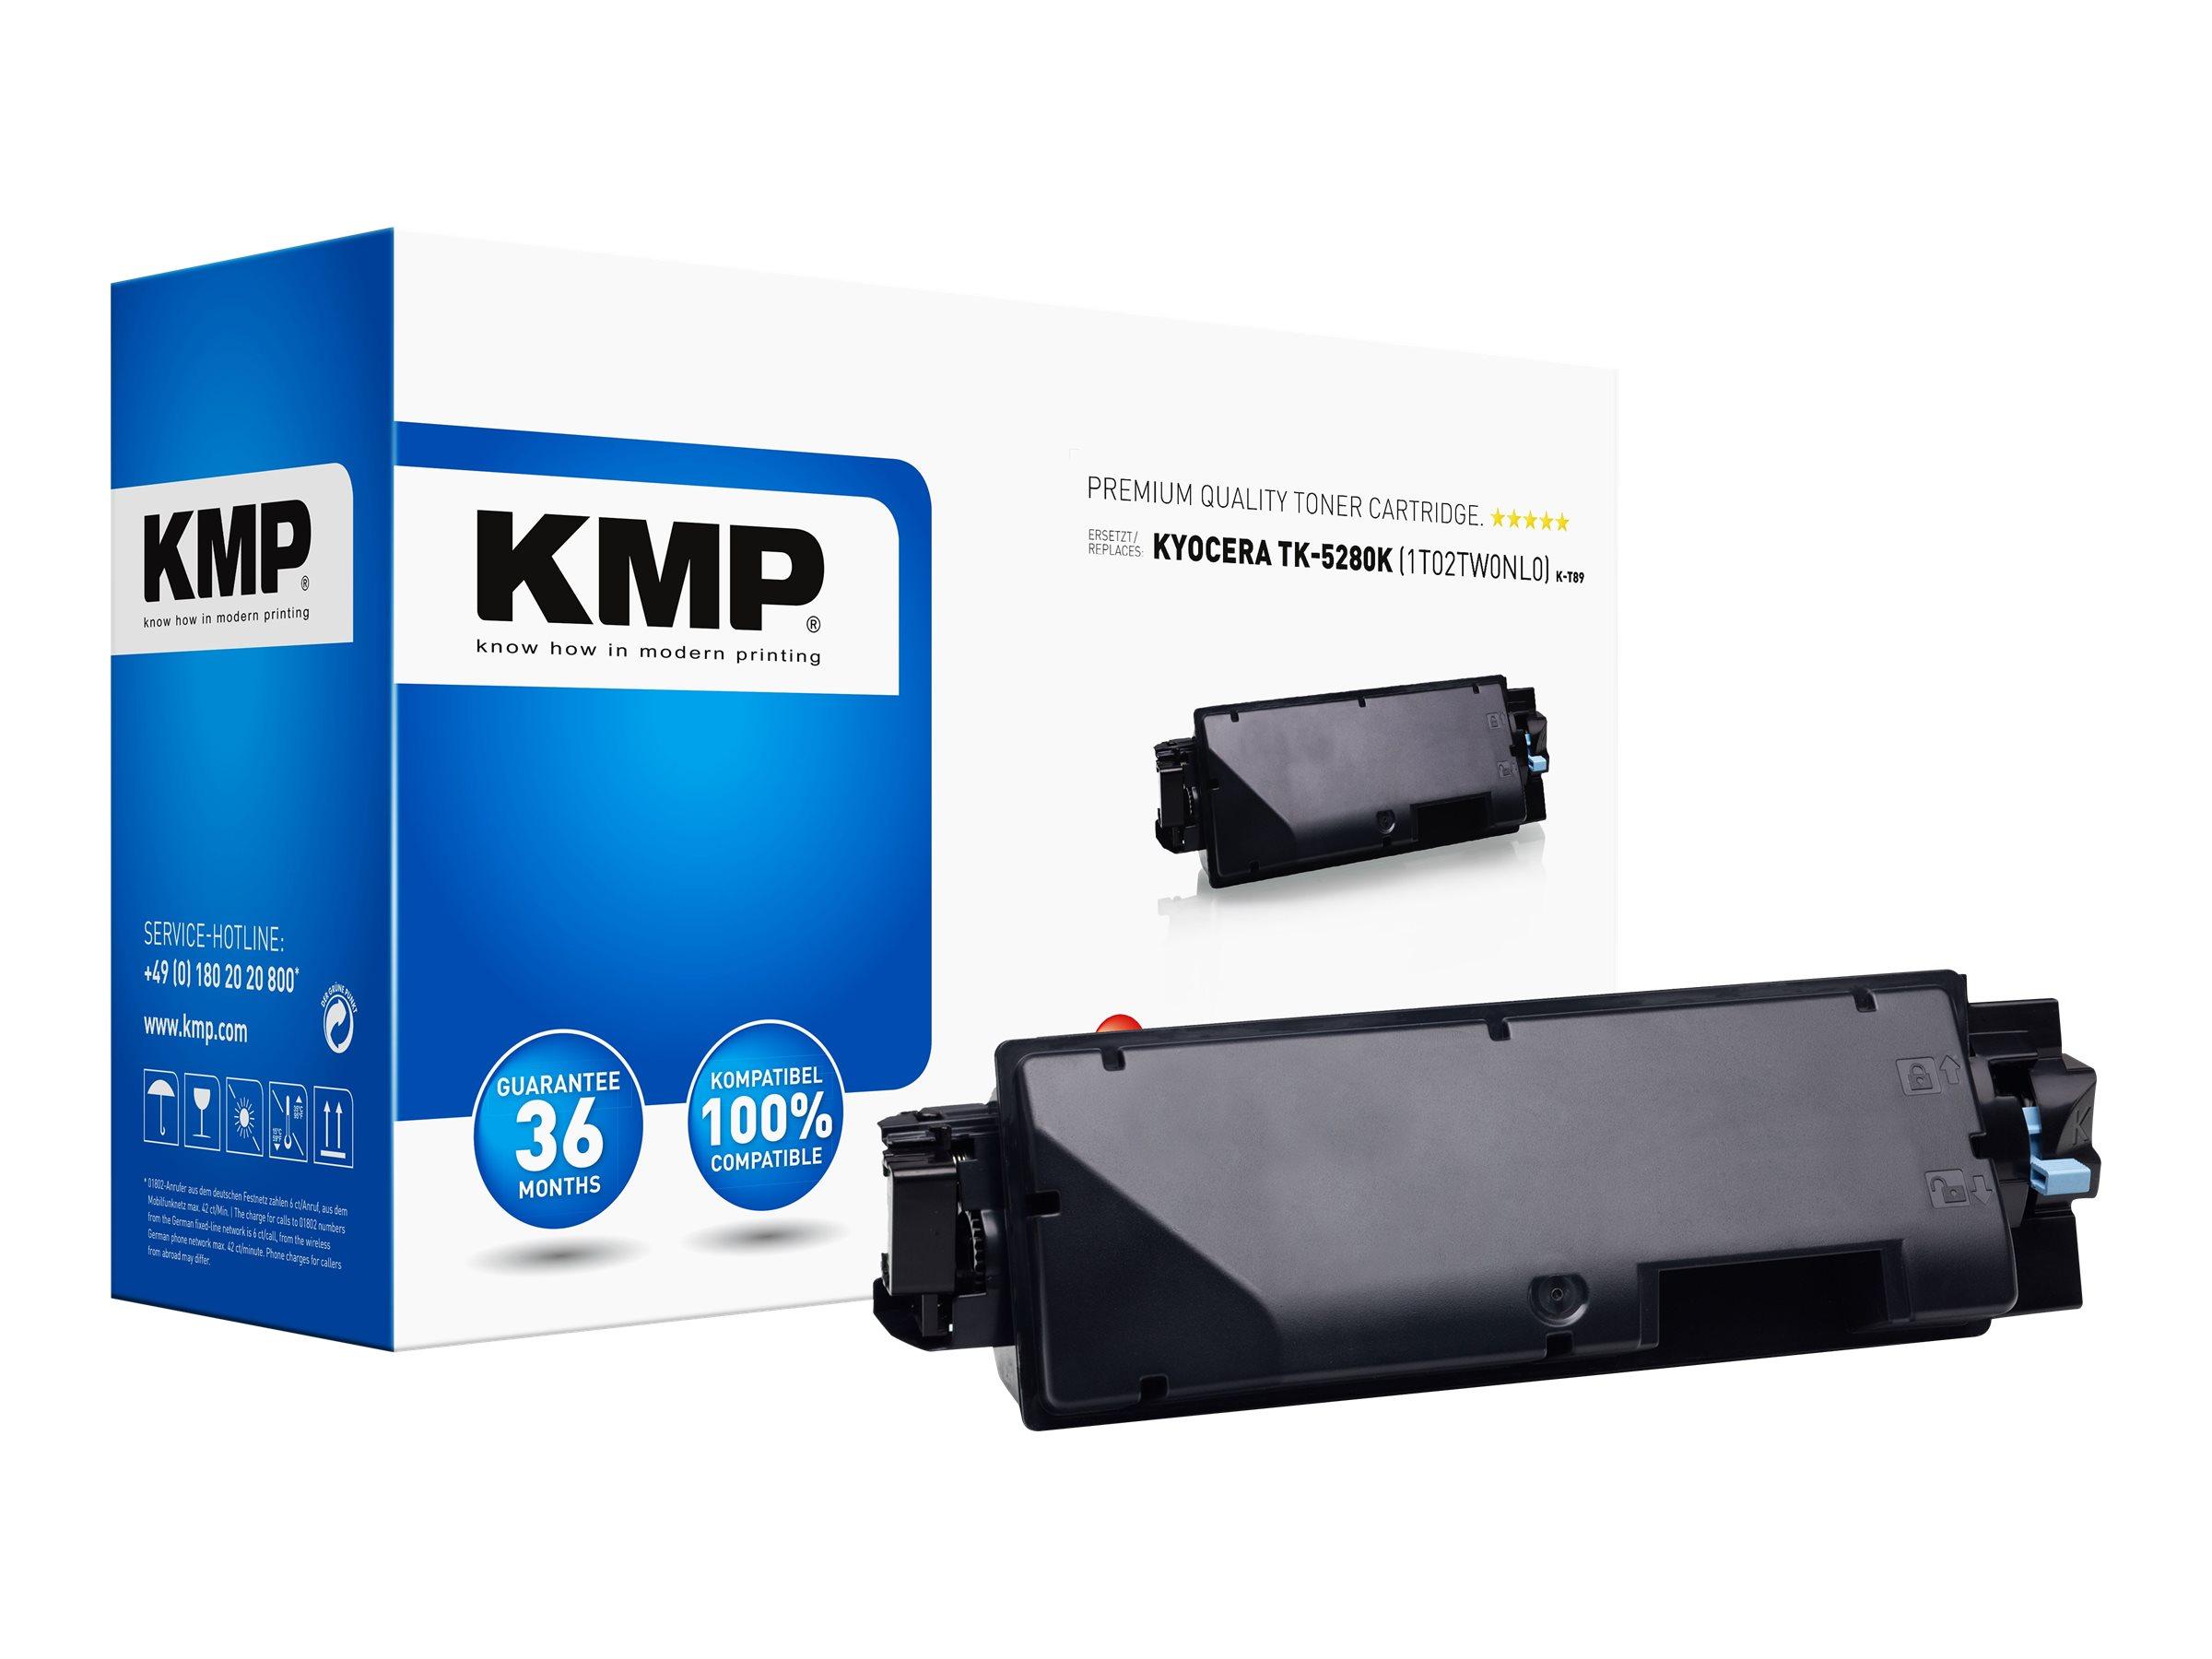 Vorschau: KMP K-T89 - 295 g - Hohe Ergiebigkeit - Schwarz - kompatibel - Tonerpatrone (Alternative zu: Kyocera TK-5280K)